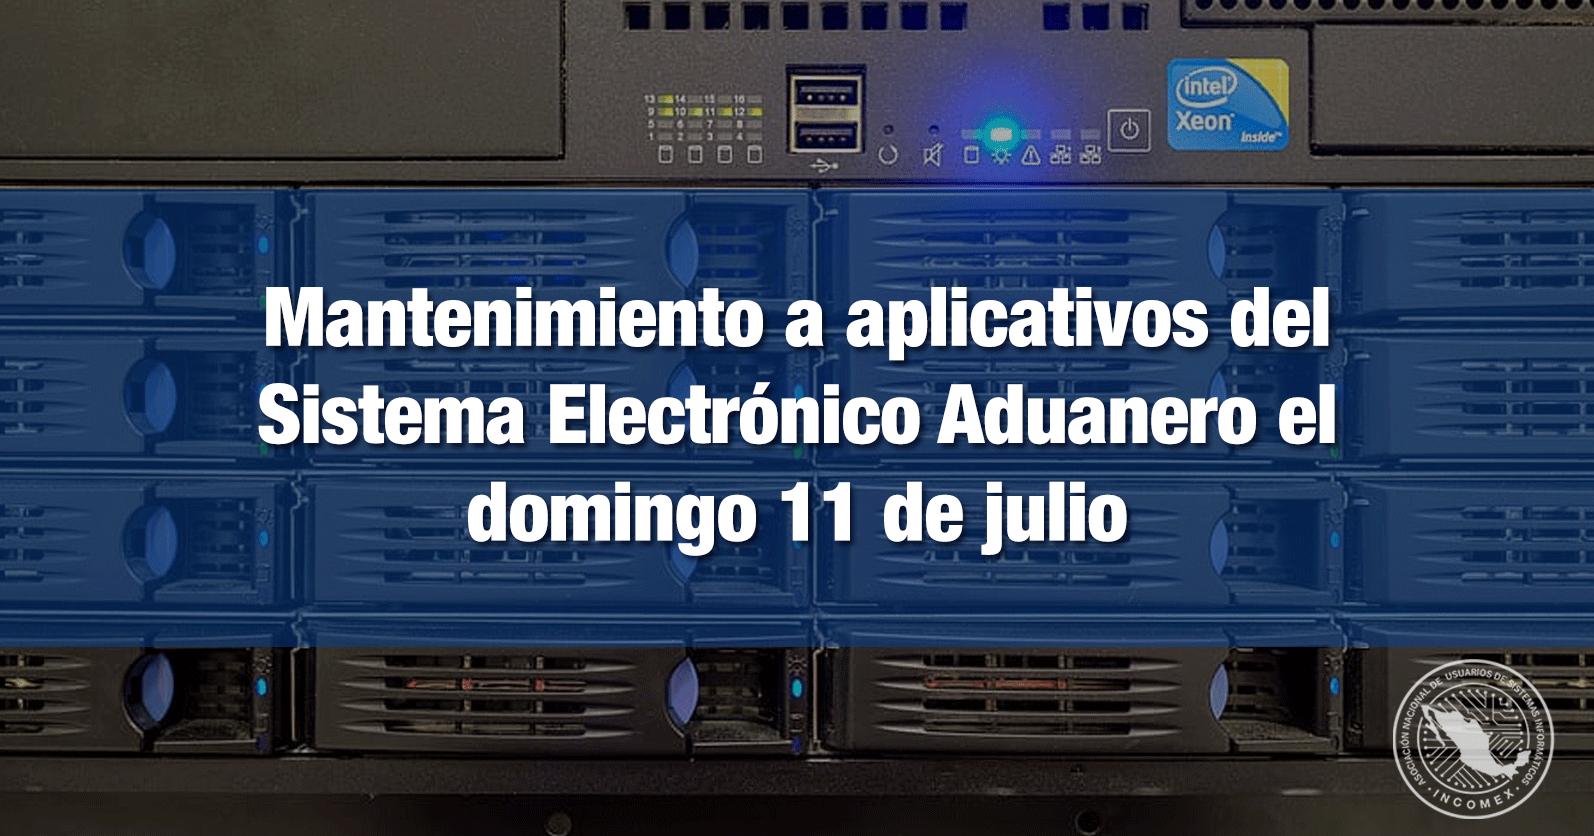 Mantenimiento a aplicativos del Sistema Electrónico Aduanero el domingo 11 de julio